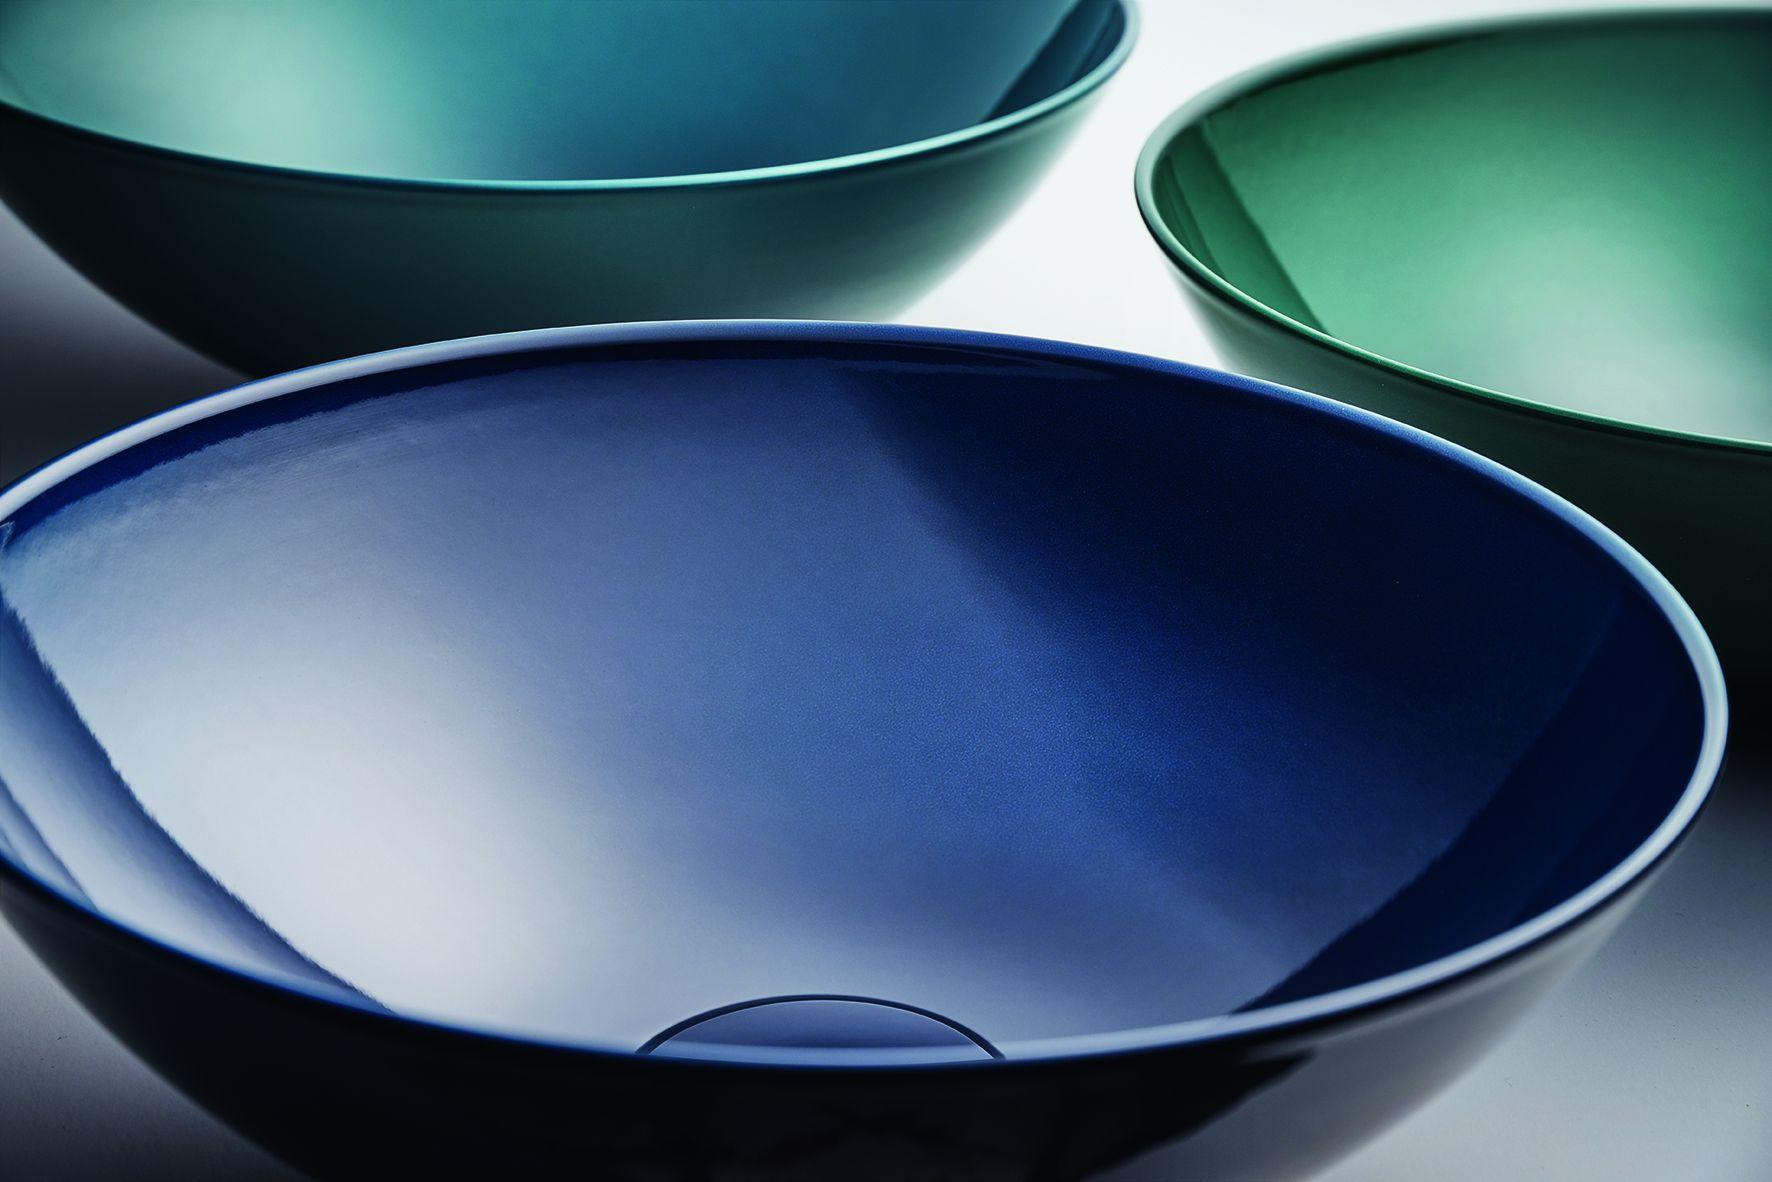 2020最應景的經典藍面盆!Aqua用色彩妝點衛浴空間,以釉面質地撫慰身心靈